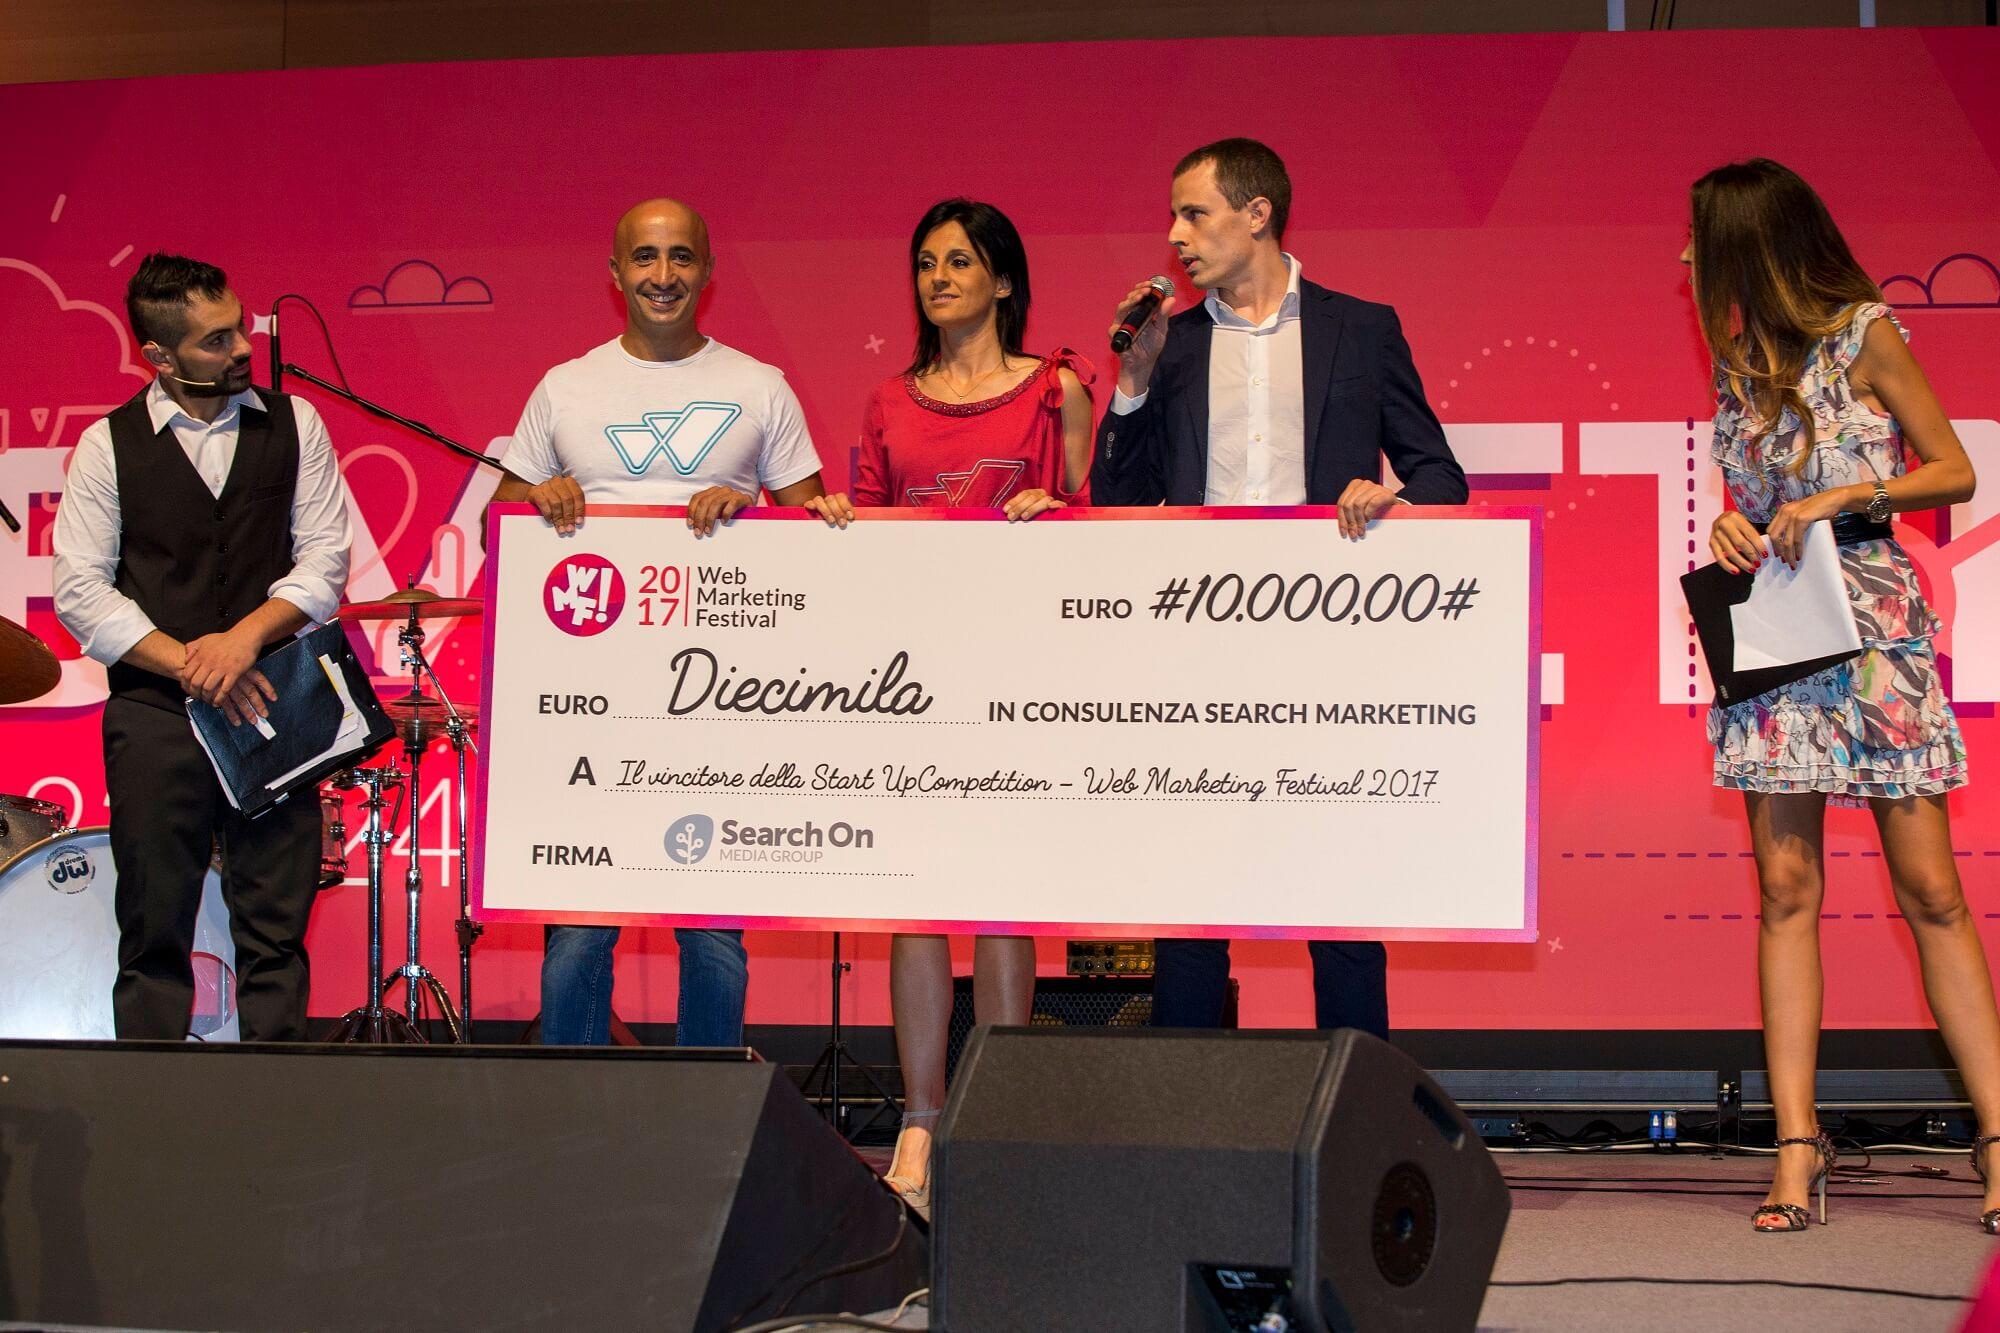 WMF17 startup competition premio Watly mini - Web Marketing Festival, una quinta edizione da record: oltre 12mila le presenze a Rimini